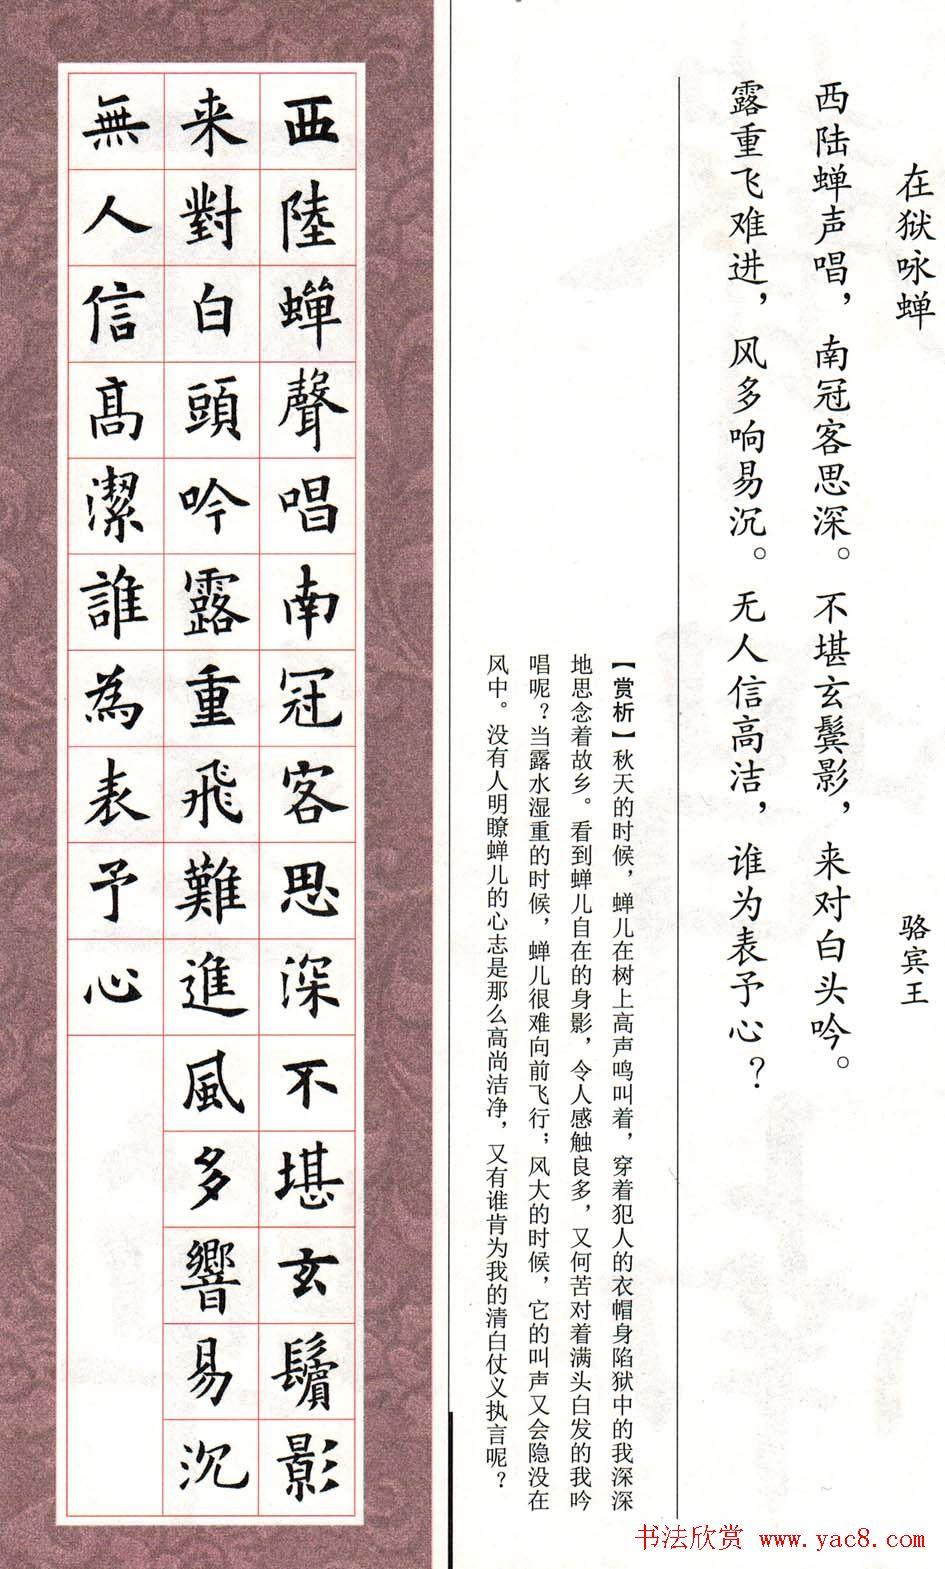 欧体字帖《欧阳询书法集字五言律诗十首》